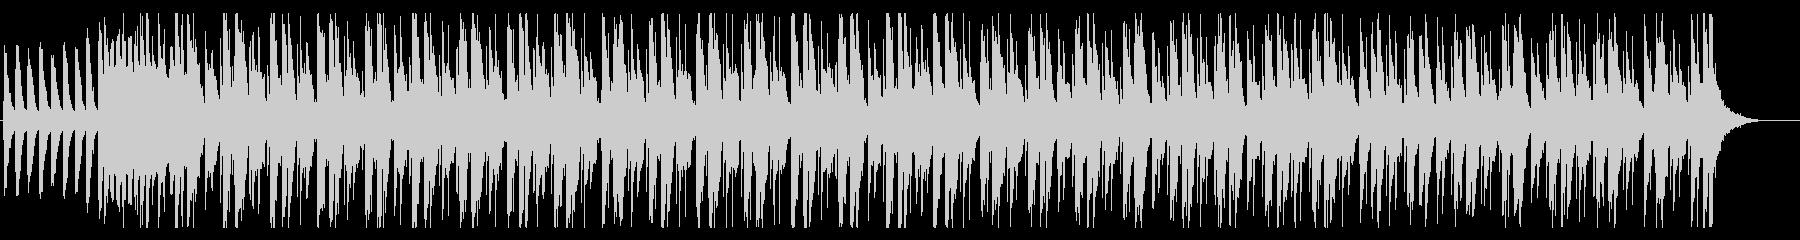 登場シーンで流れるBGMの未再生の波形